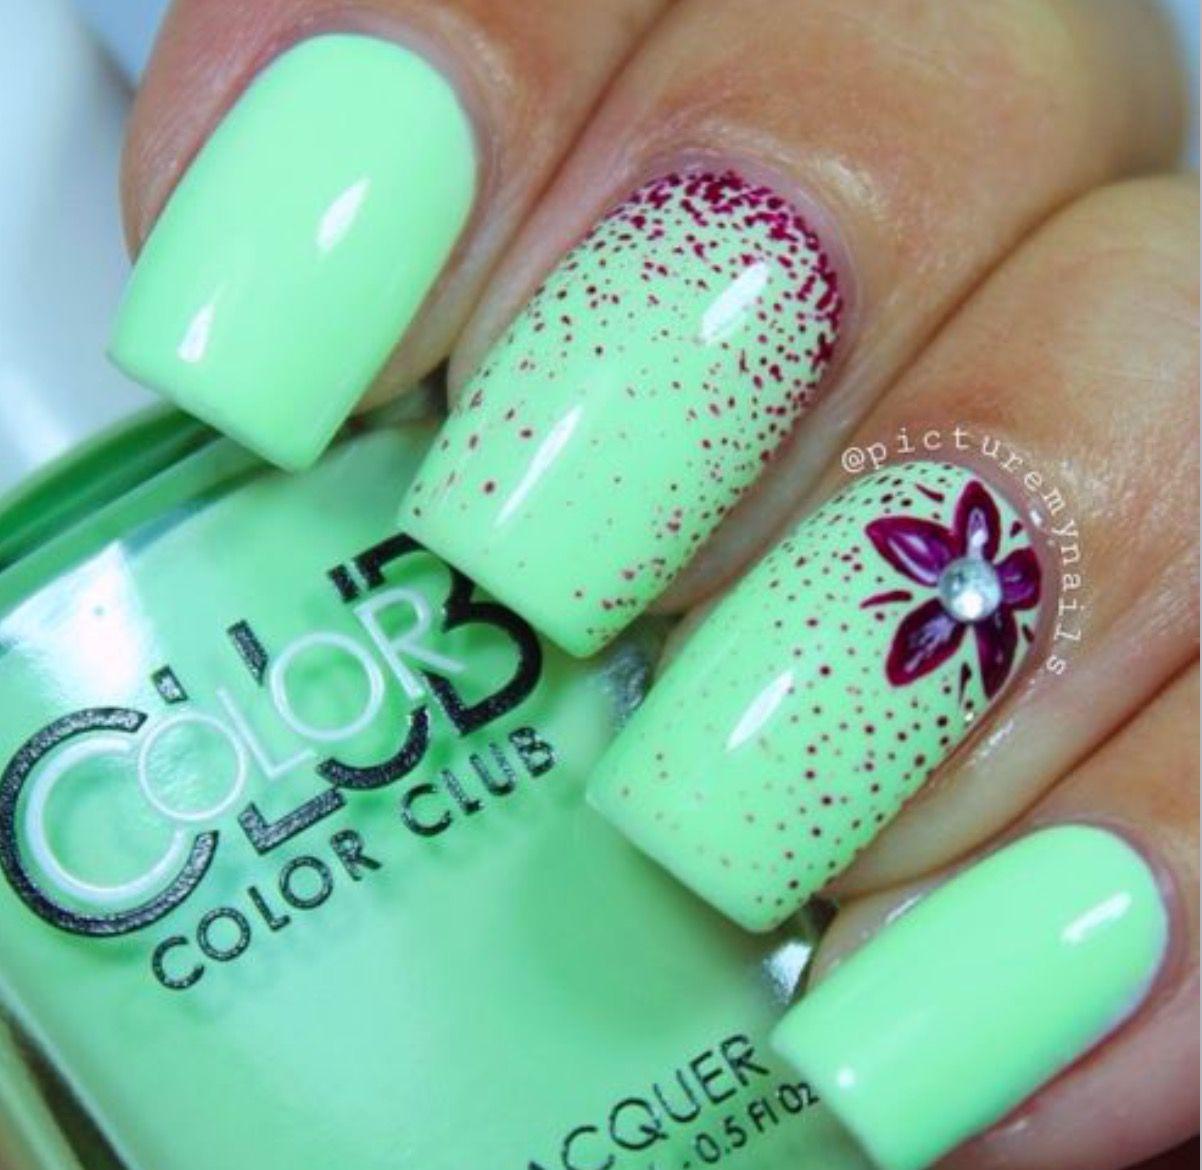 Nail styles | Nail arts❤ | Pinterest | Manicure, Makeup and Nail nail